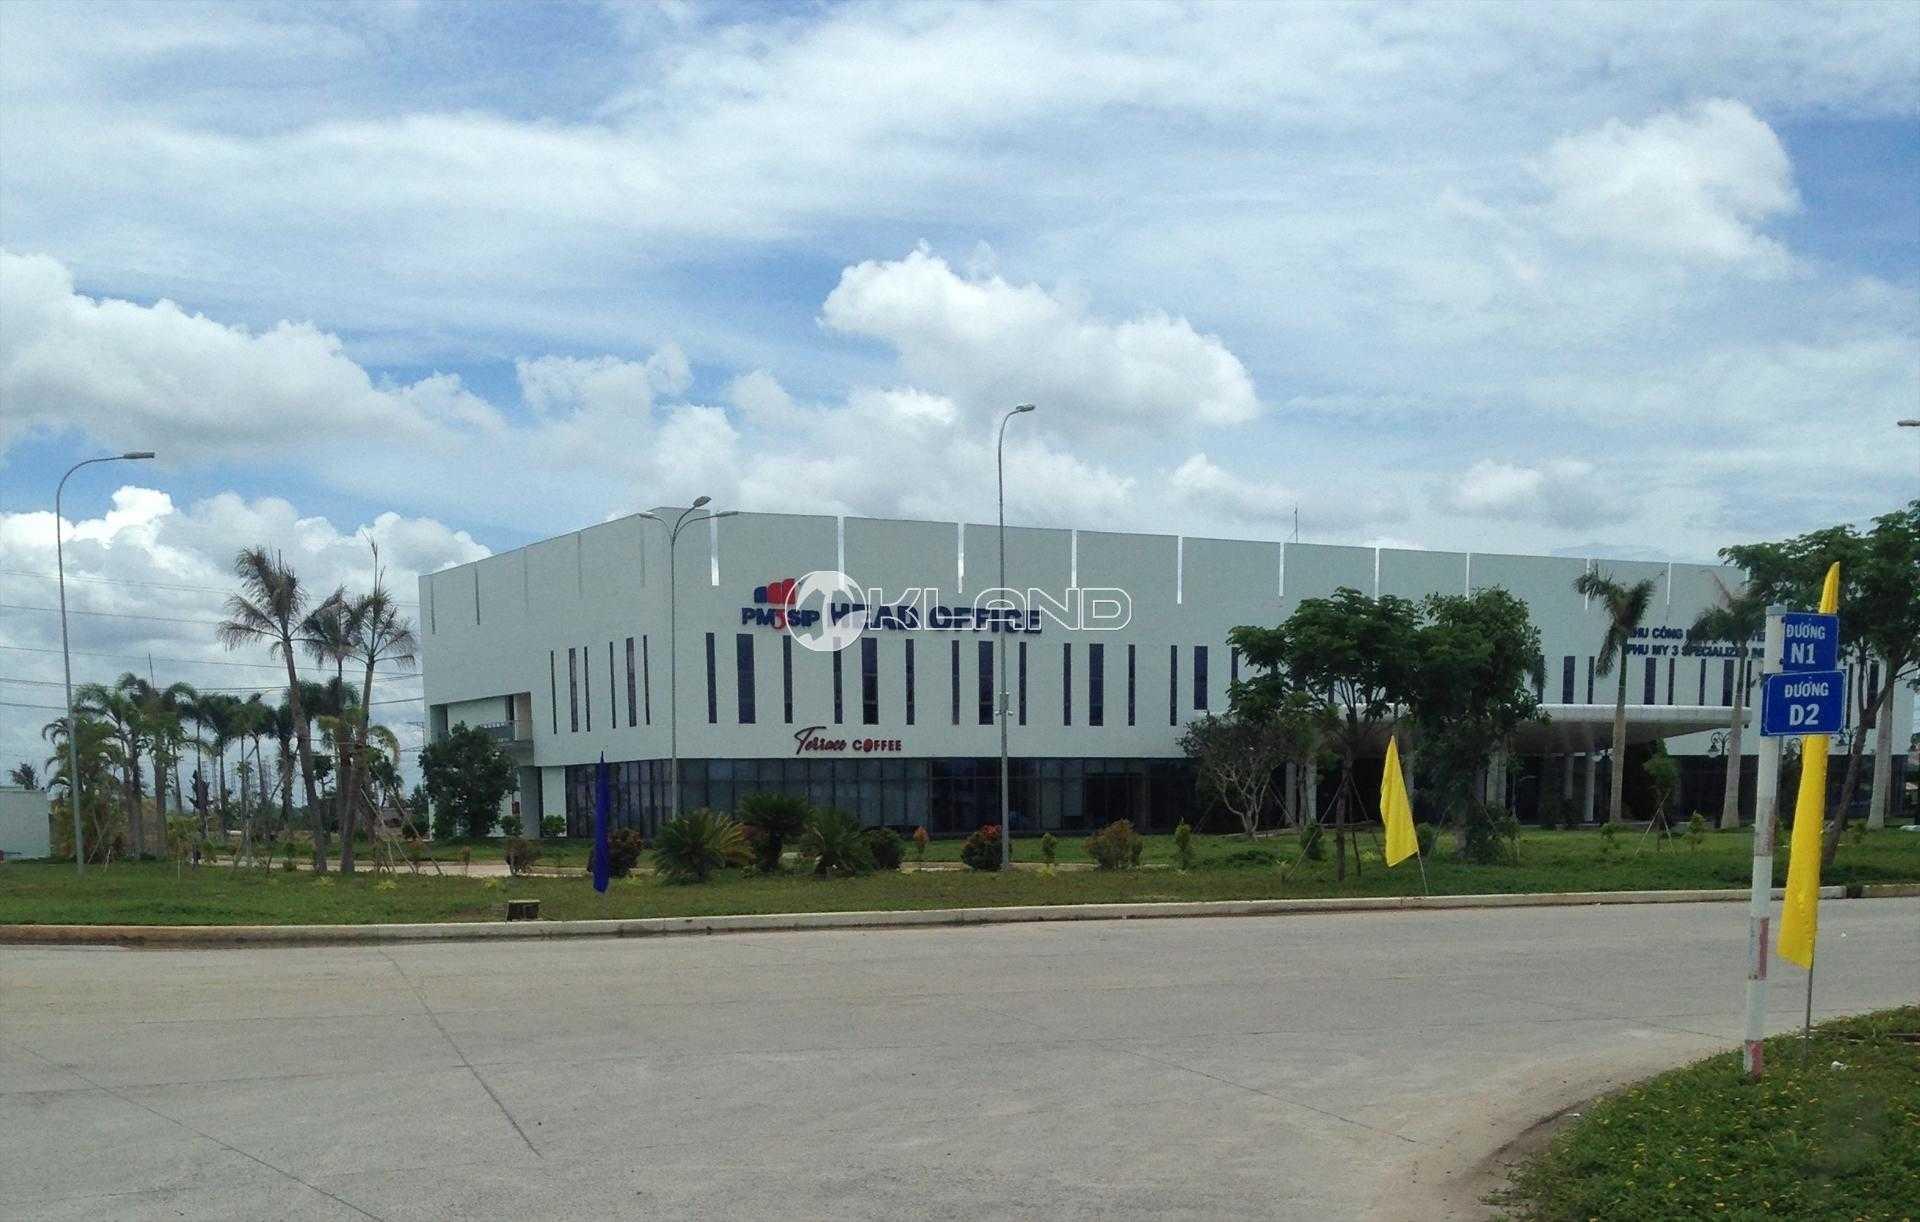 Bà Rịa - Vũng Tàu: Đề xuất điều chỉnh quy hoạch phân khu xây dựng Khu công nghiệp Phú Mỹ 3